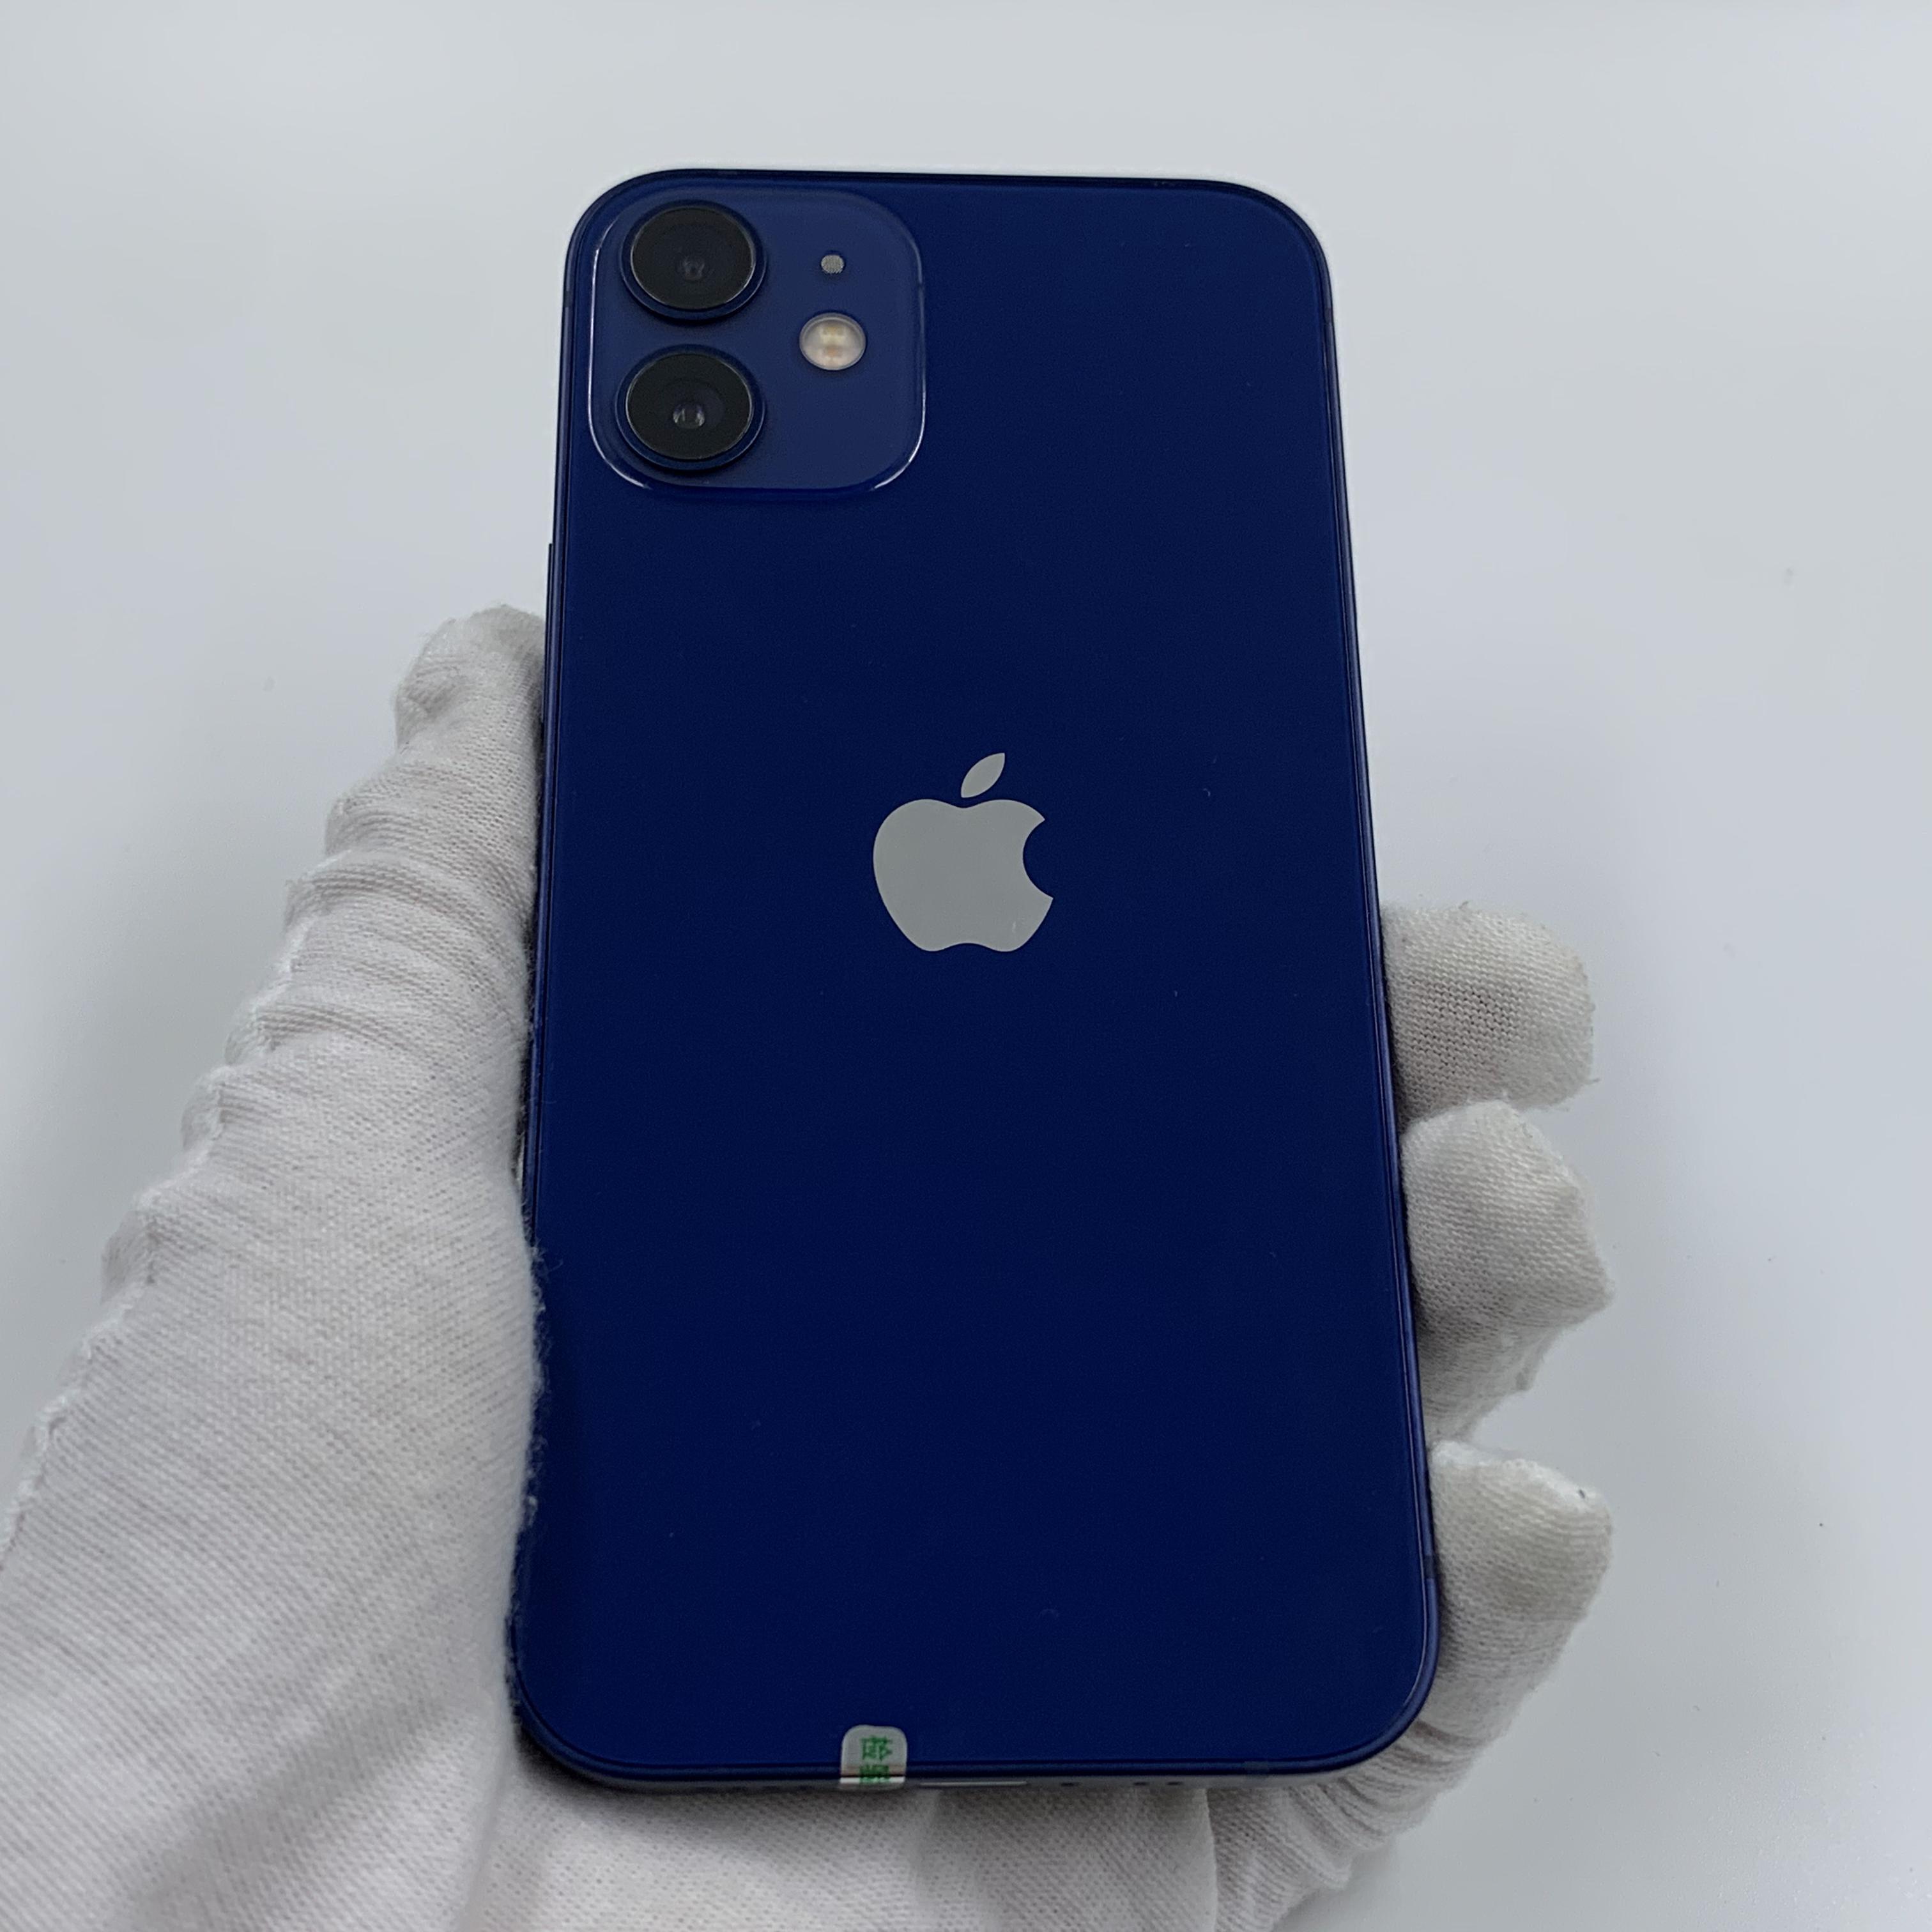 苹果【iPhone 12 mini】5G全网通 蓝色 128G 国行 95新 真机实拍保修2022-02-18